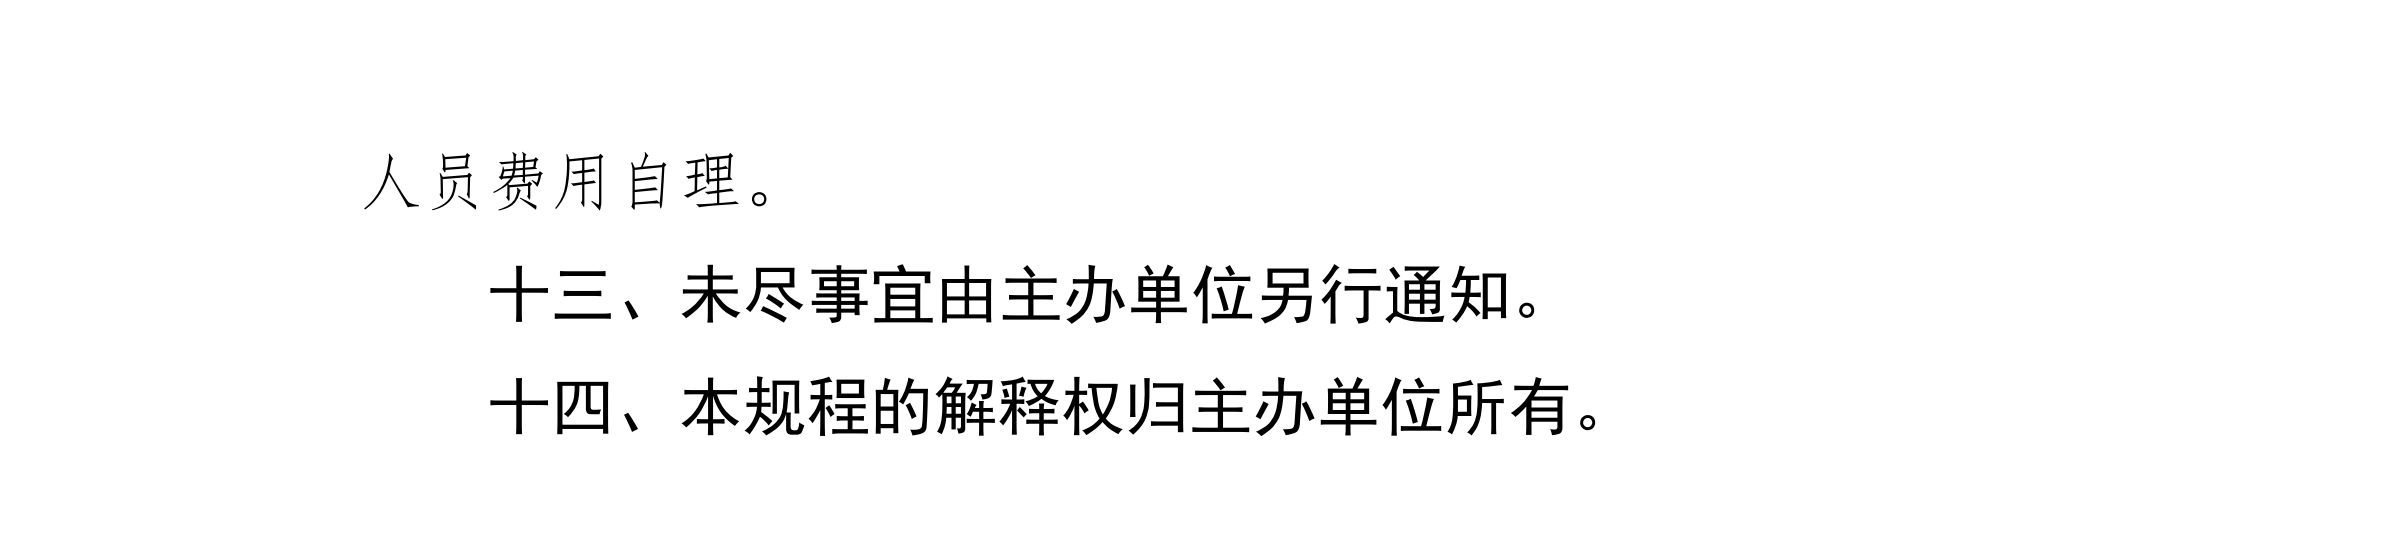 """关于举办2018年四川省""""十一科技杯""""围棋业余联赛的通知_04.png"""